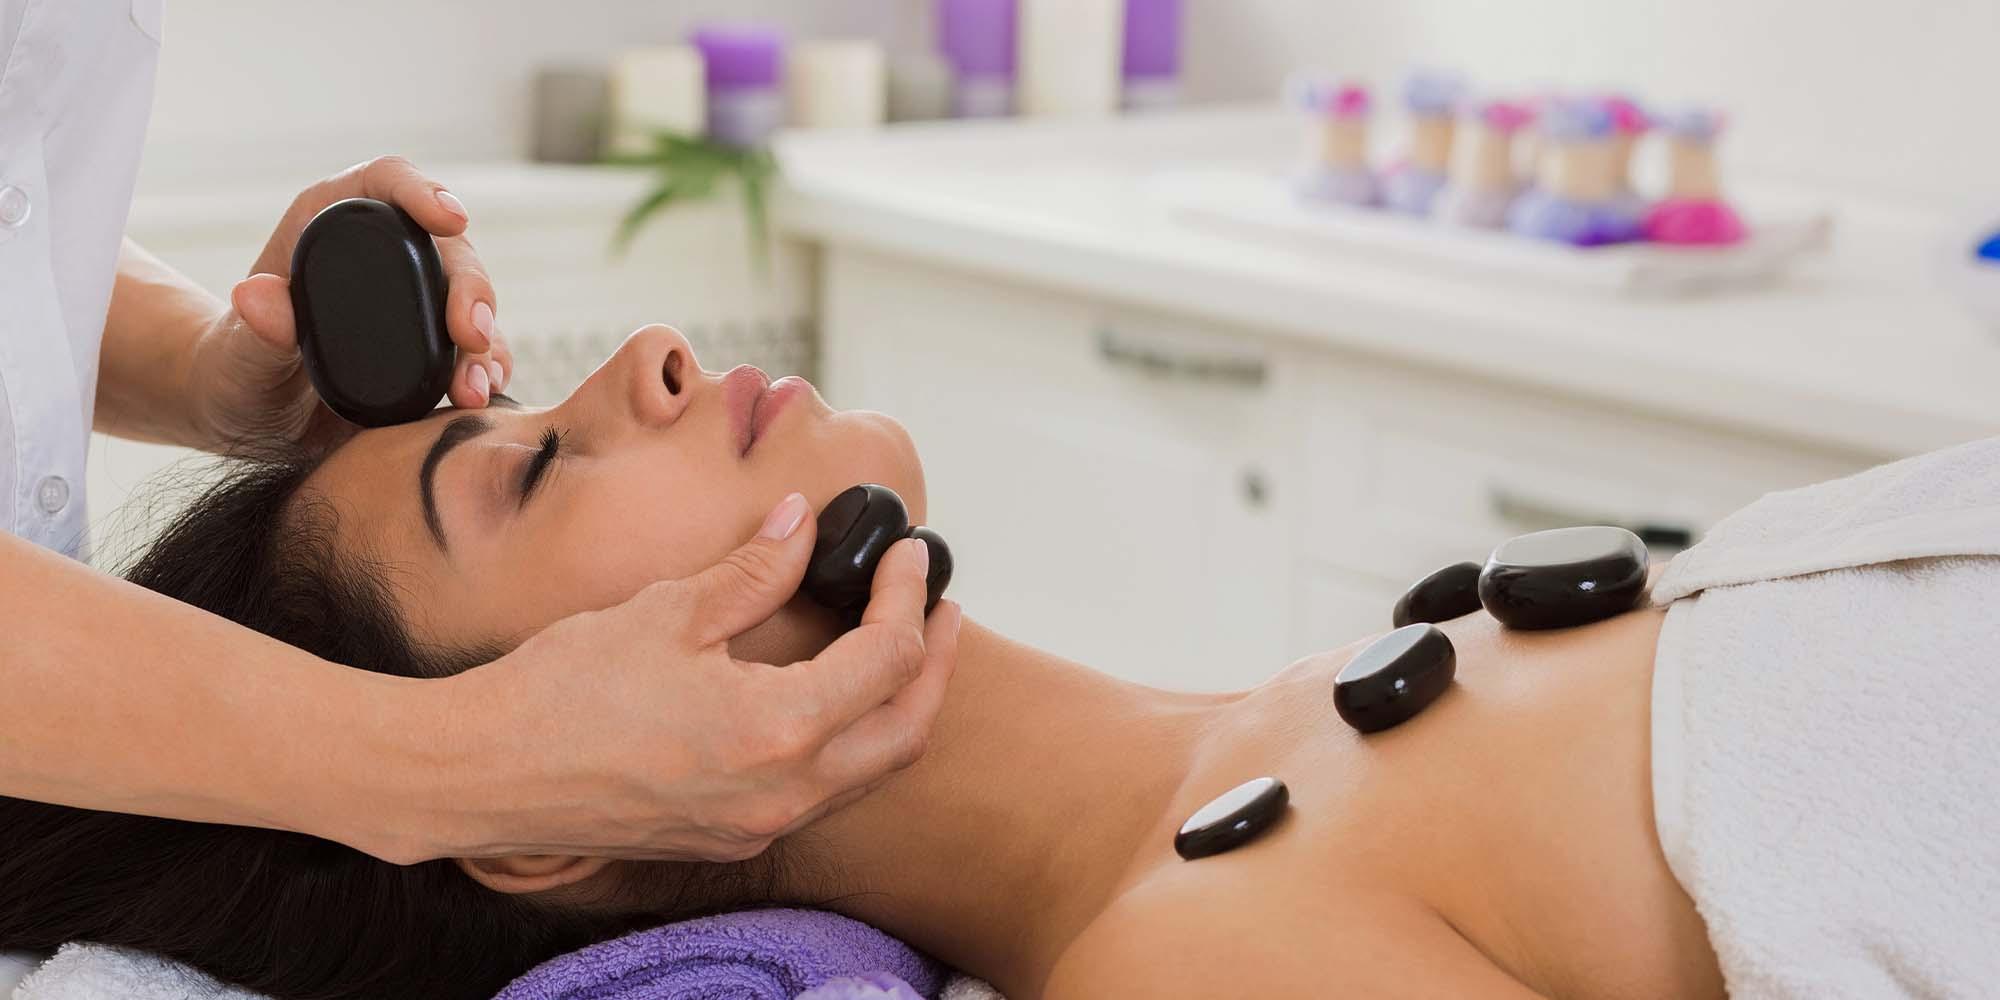 cofinanziati-massaggio-olistico.png